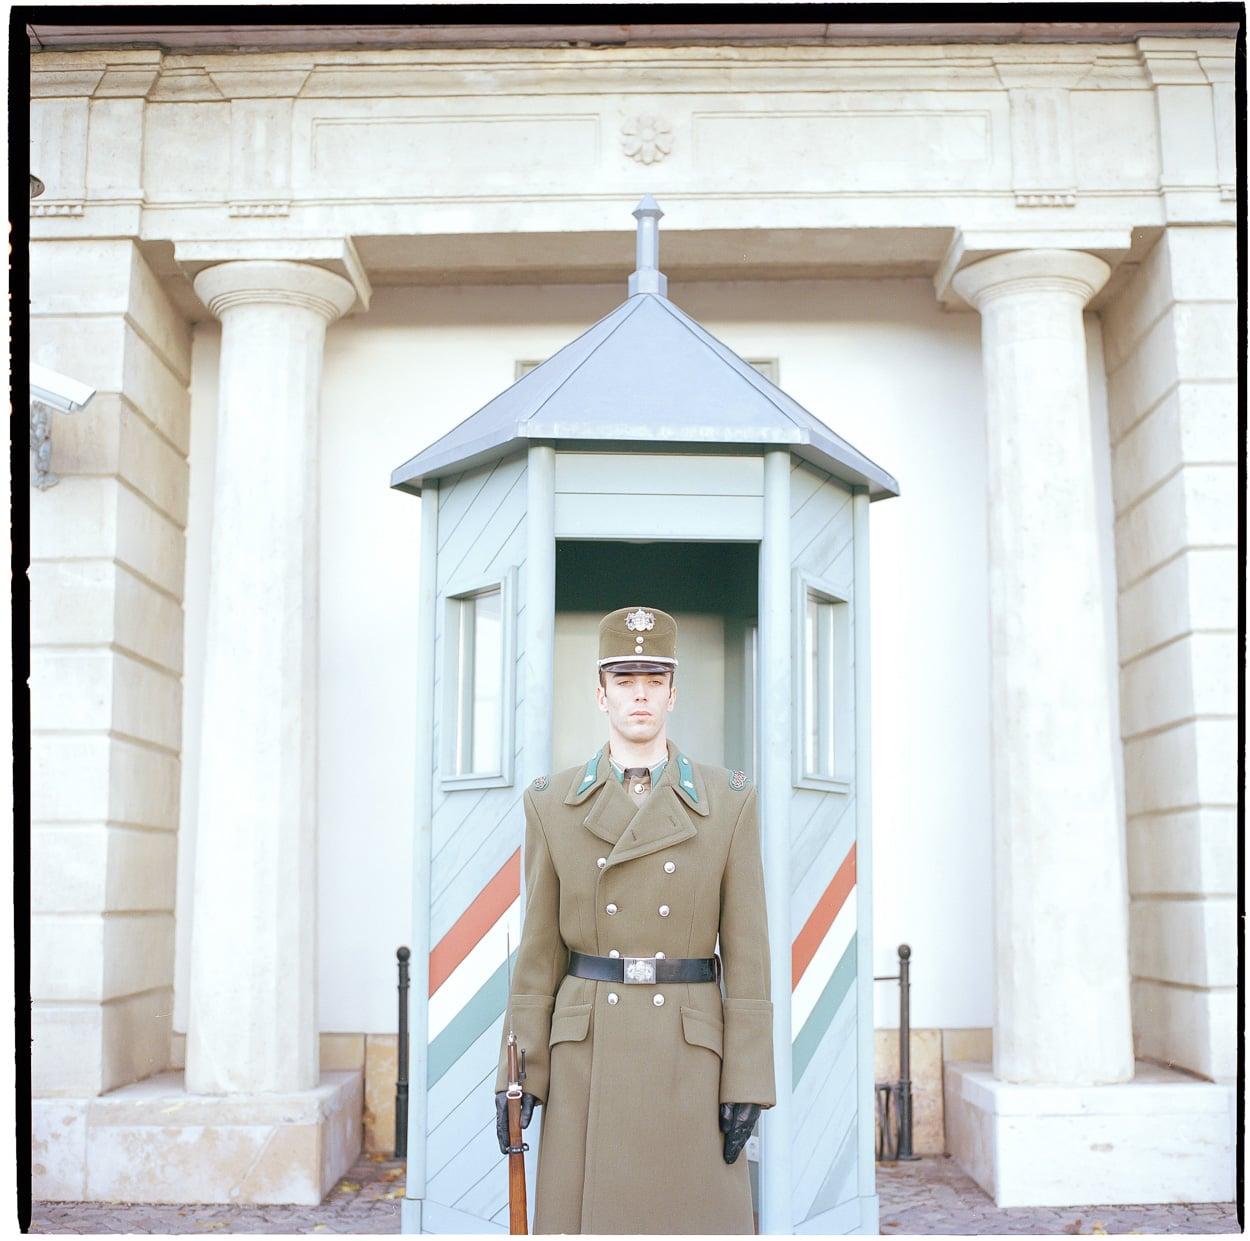 Guard, Buda Castle